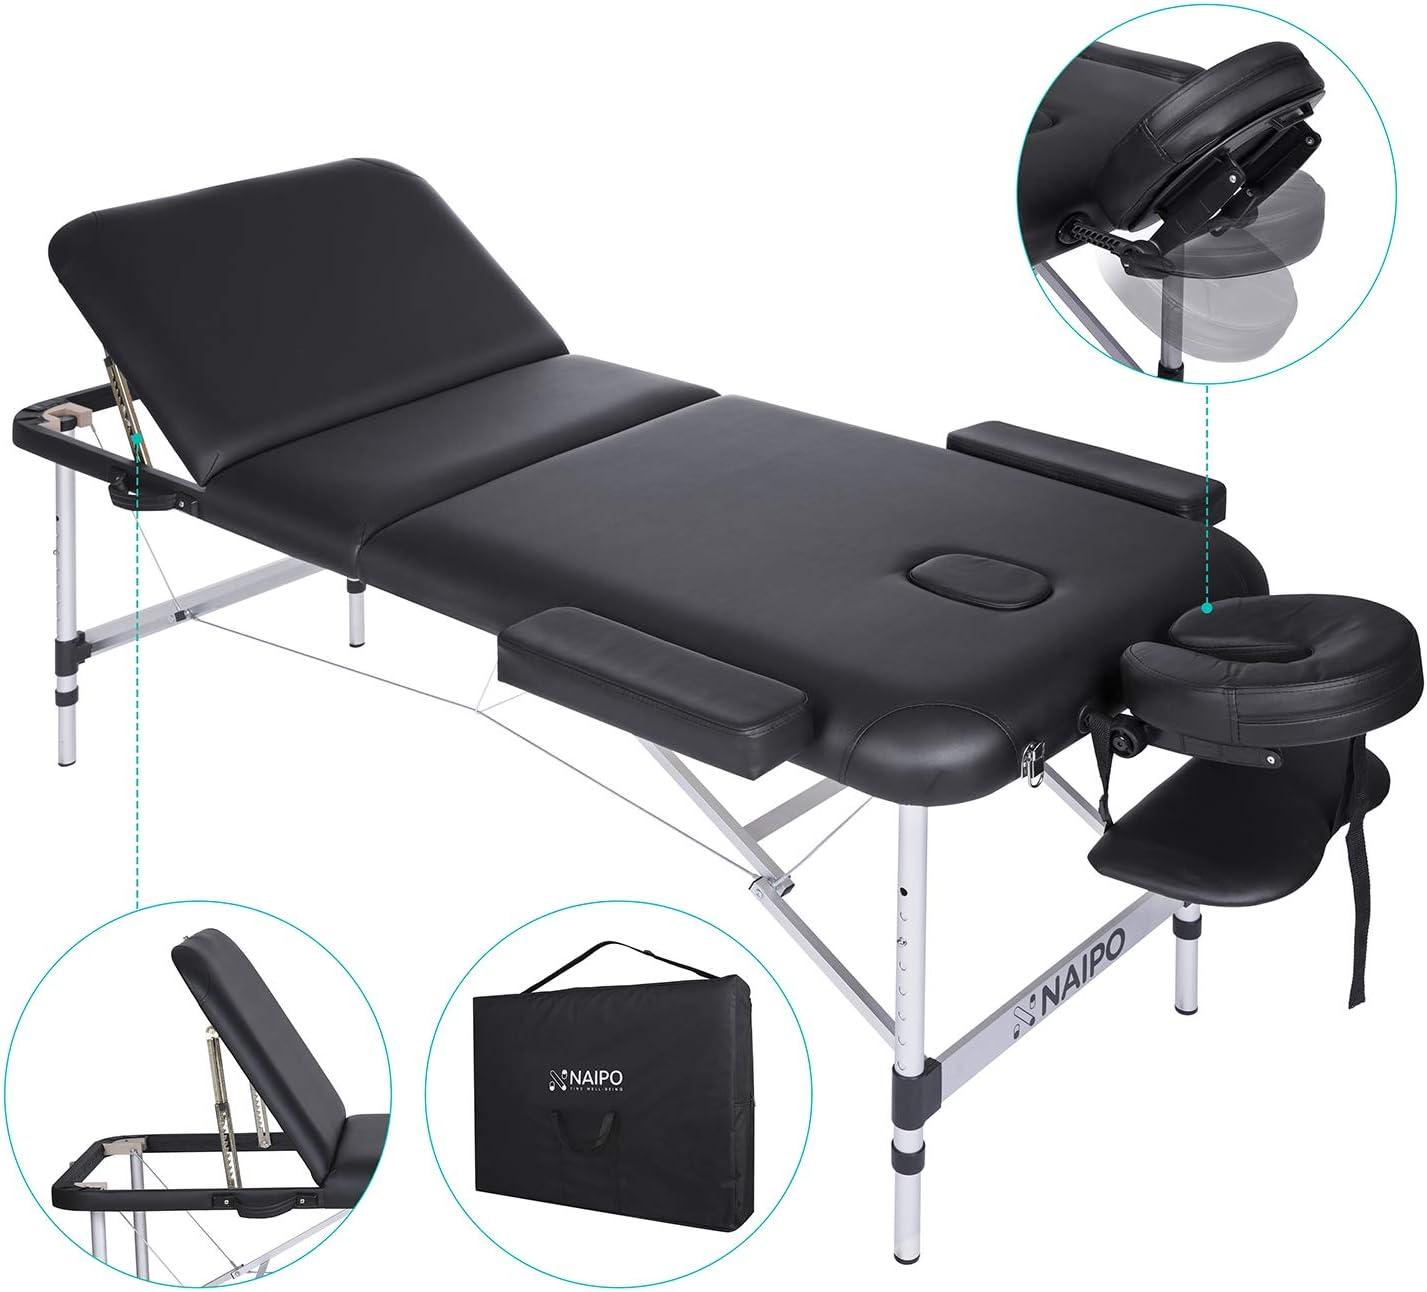 Naipo Mesa de Masaje Plegable anchos 70cm de 3 Secciones Camilla Portátil y Profesional con Patas de Aluminio Respaldo Regulable Bolsa de Transporte Negro